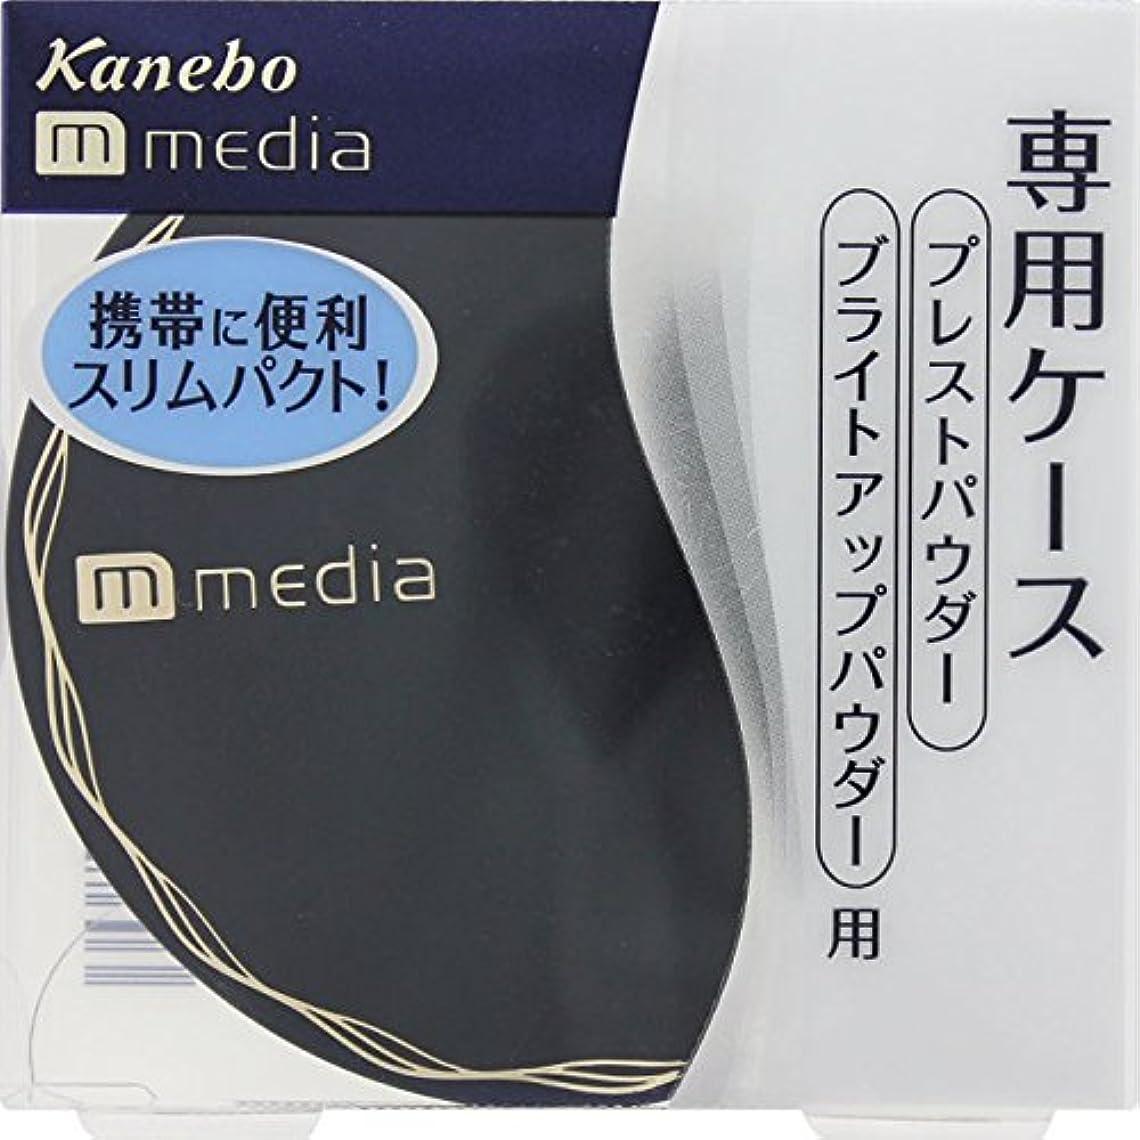 ラッシュ対高度カネボウ(Kanebo) メディア プレストパウダー用ケース